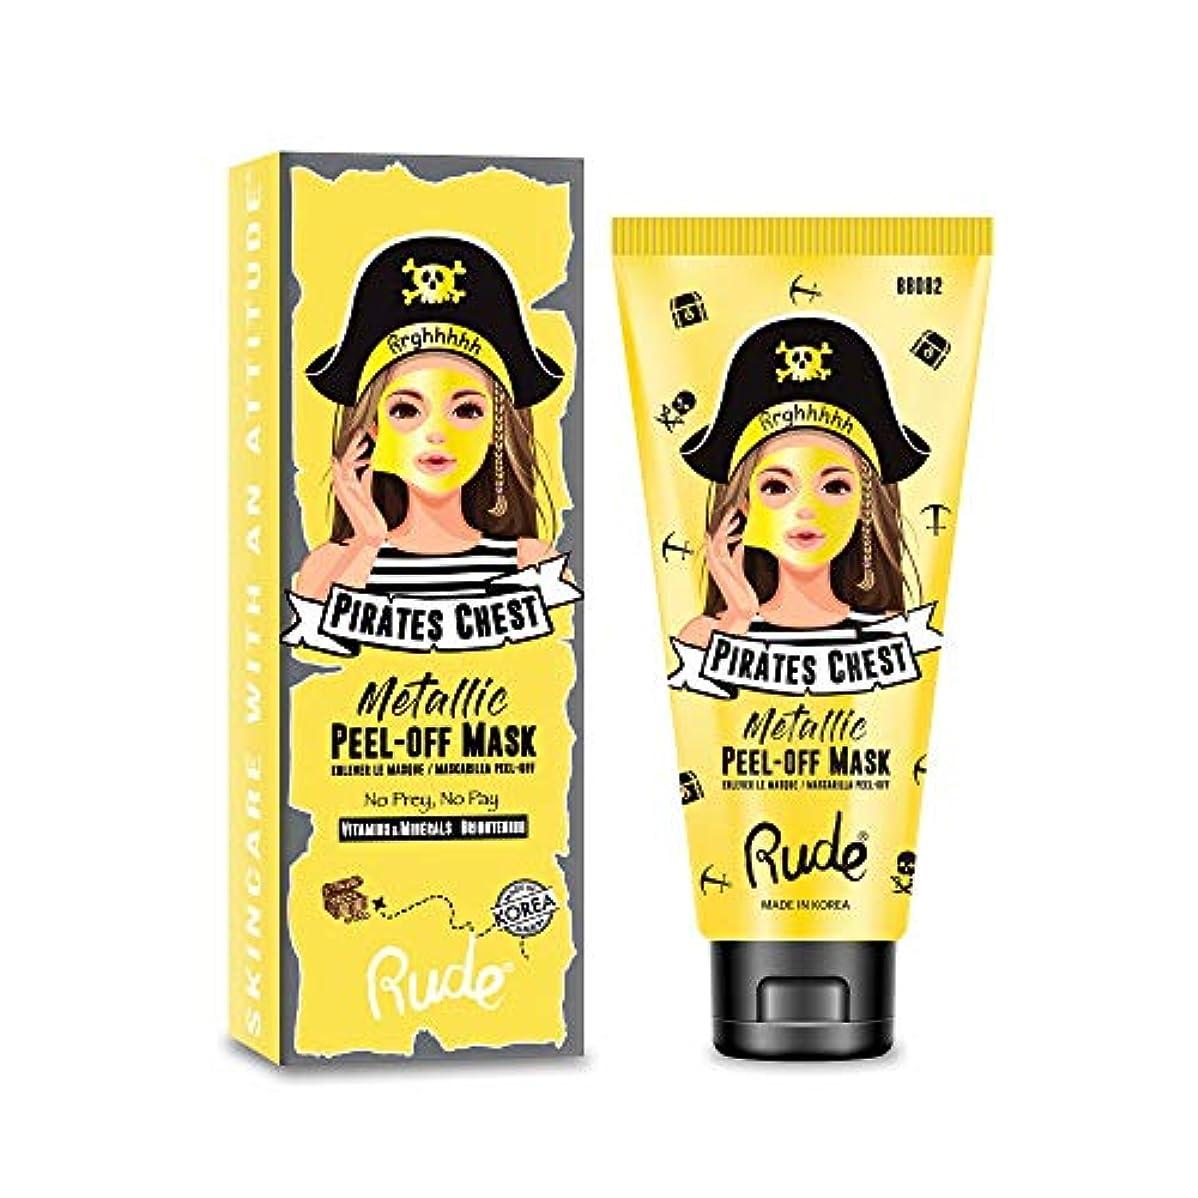 化学者クルー段落(3 Pack) RUDE Pirate's Chest Metallic Peel-off Mask - No Prey, No Pay (並行輸入品)